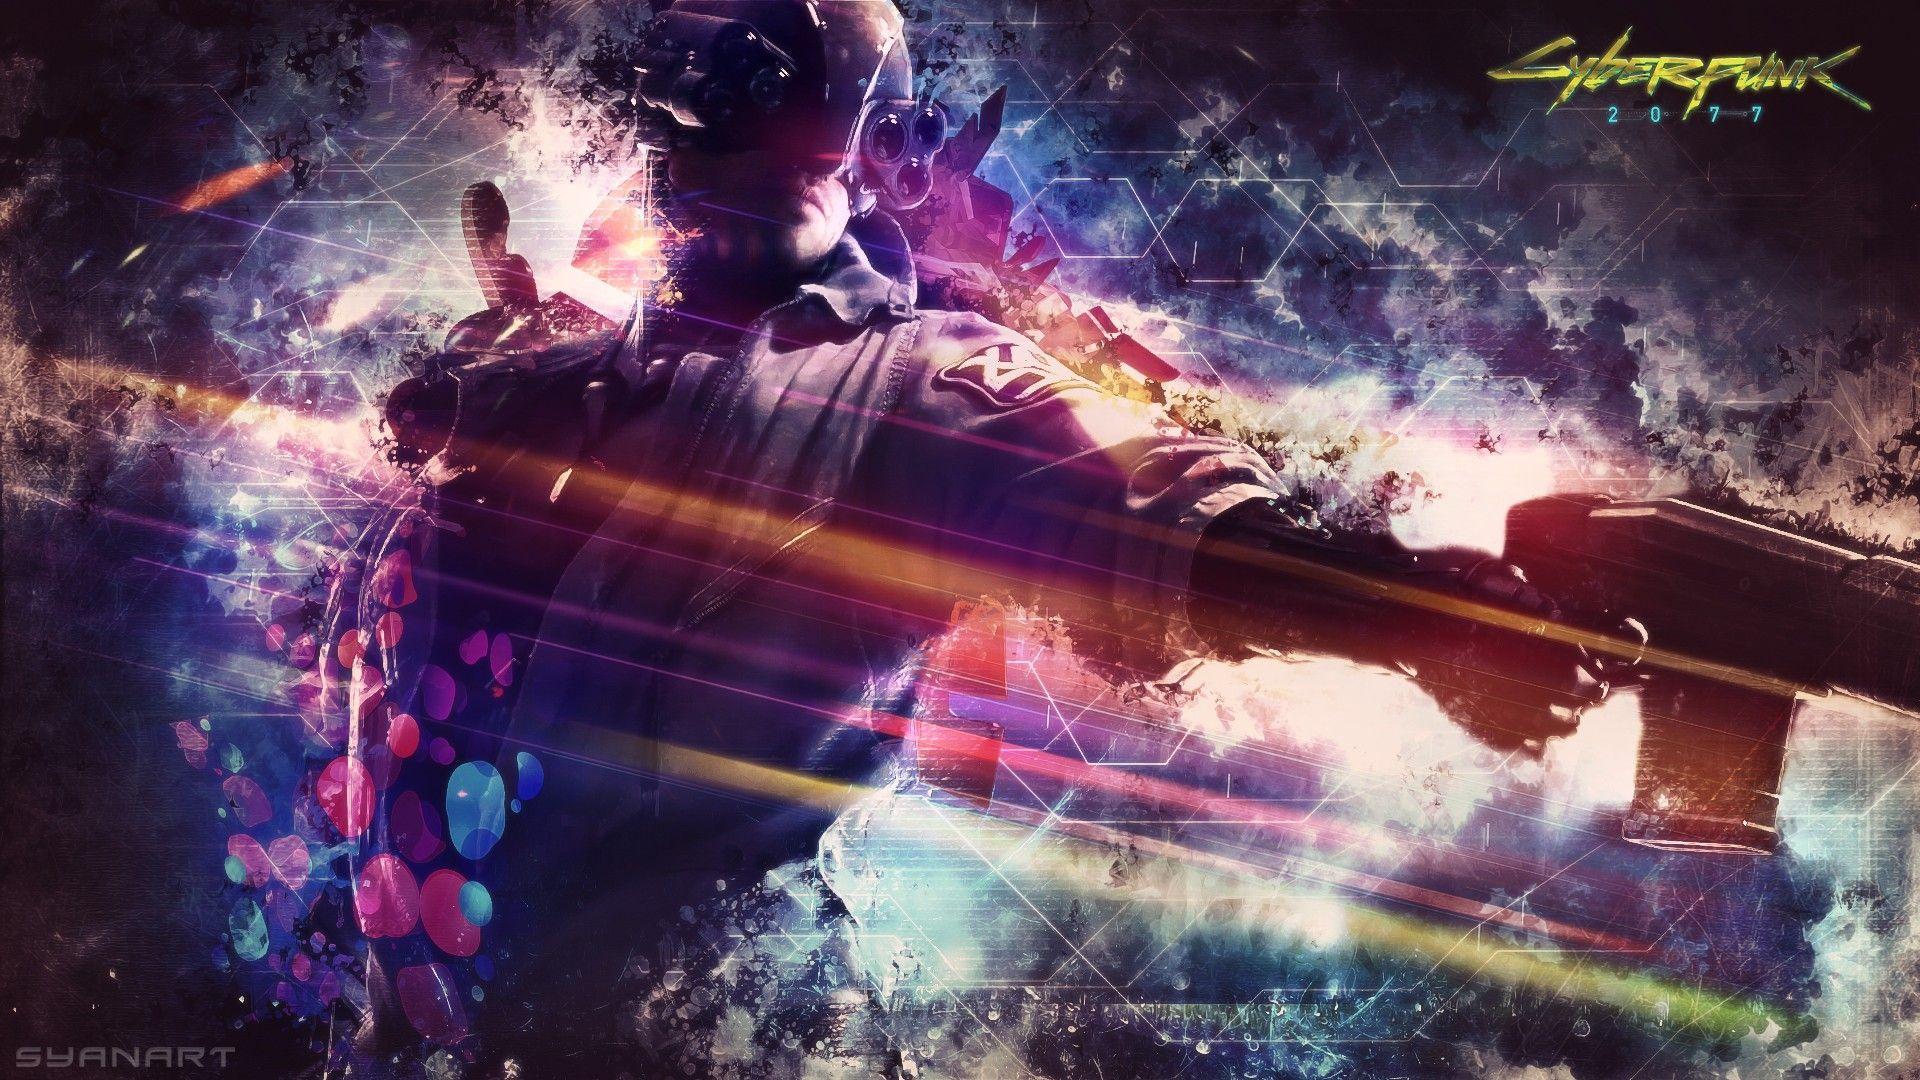 Cyberpunk 2077 Wallpapers Wallpaper Cave